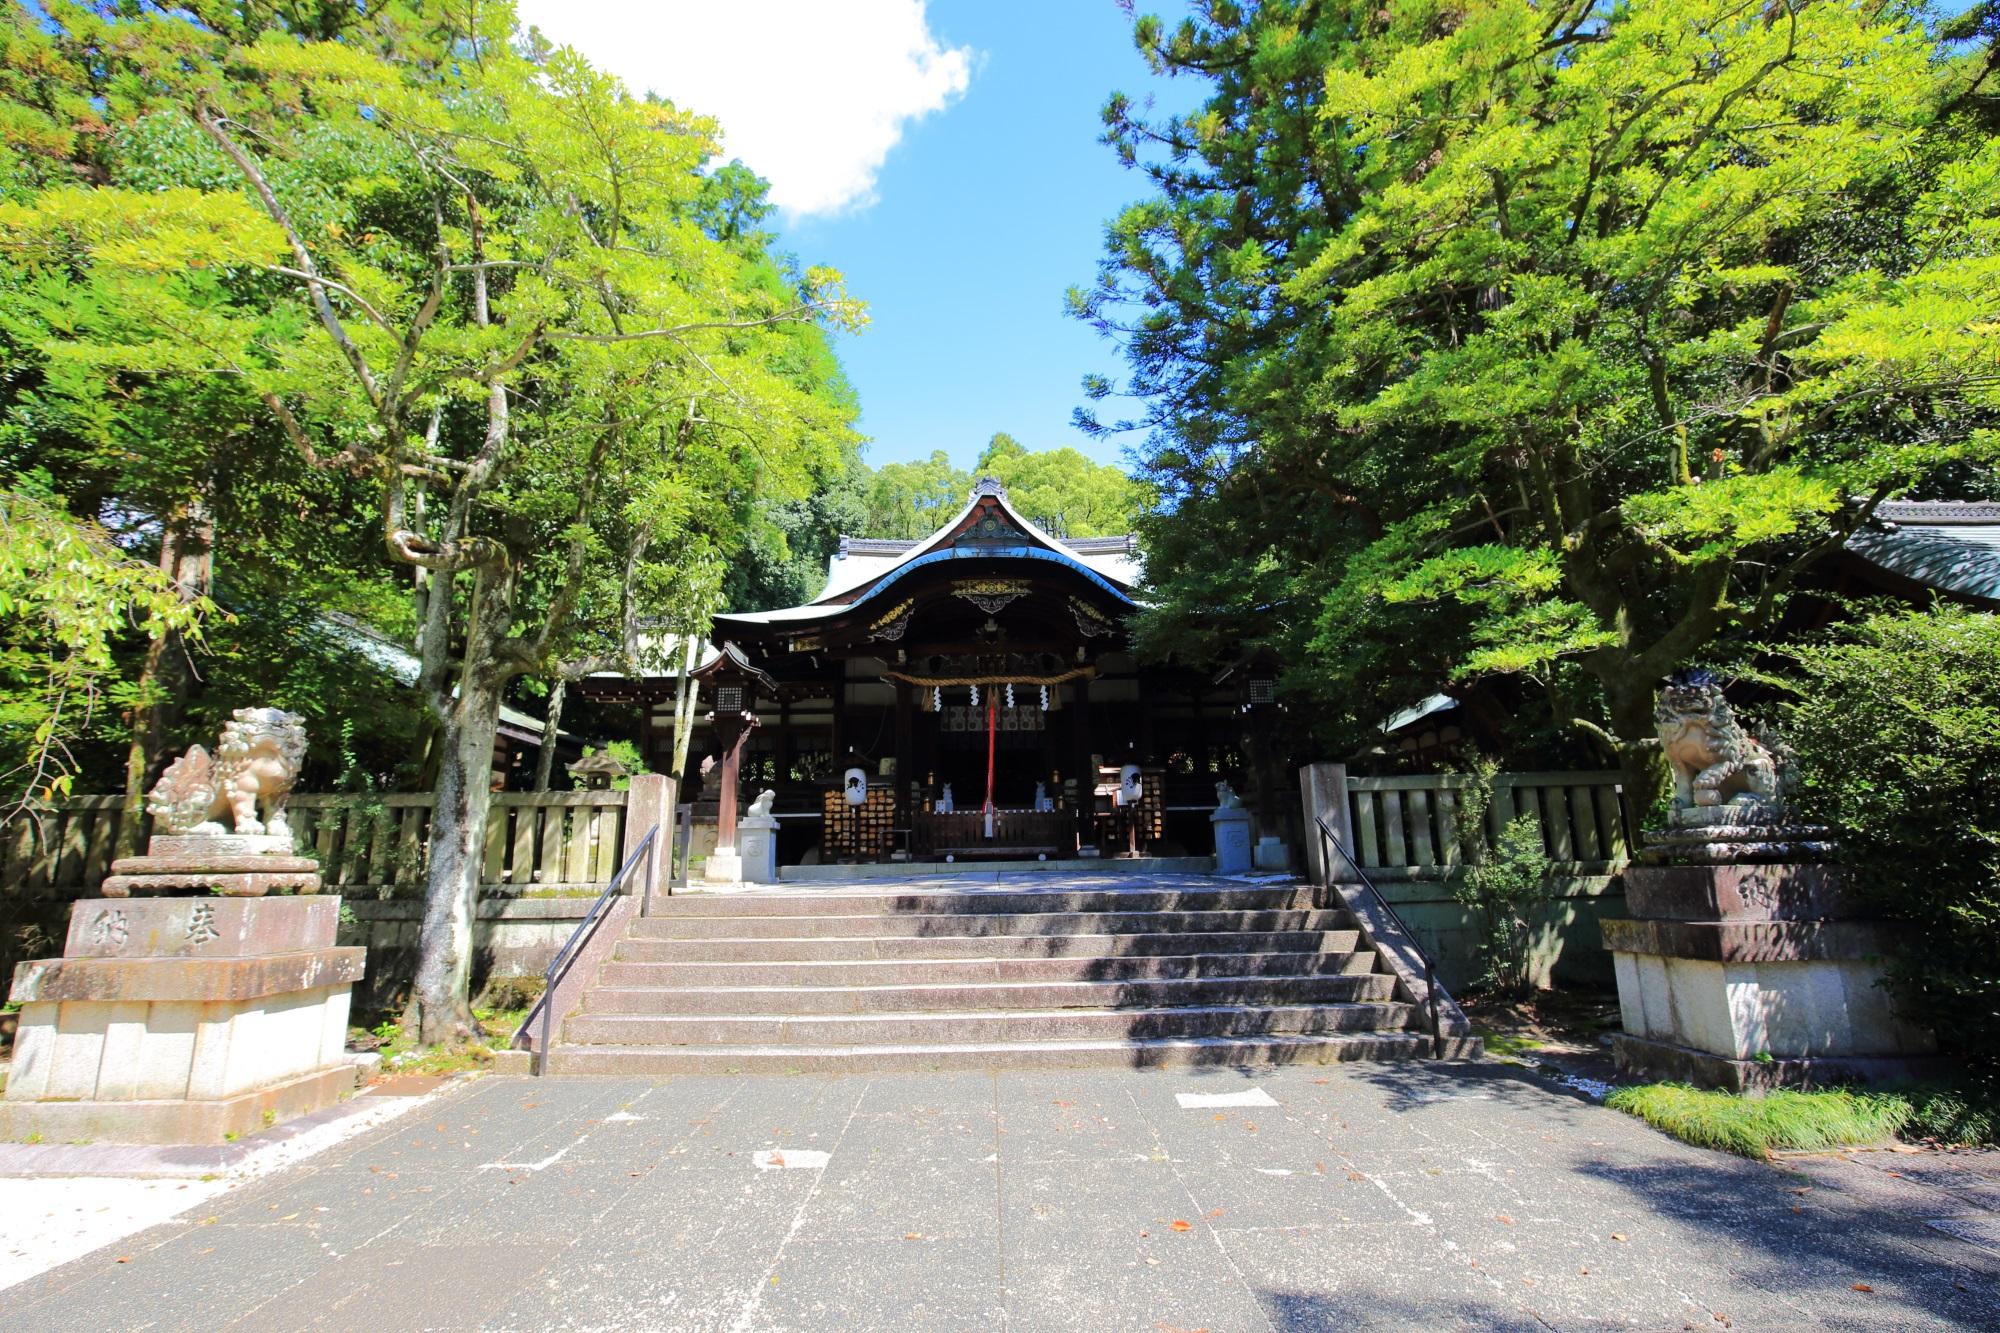 荘厳で立派な造りの岡崎神社の本殿